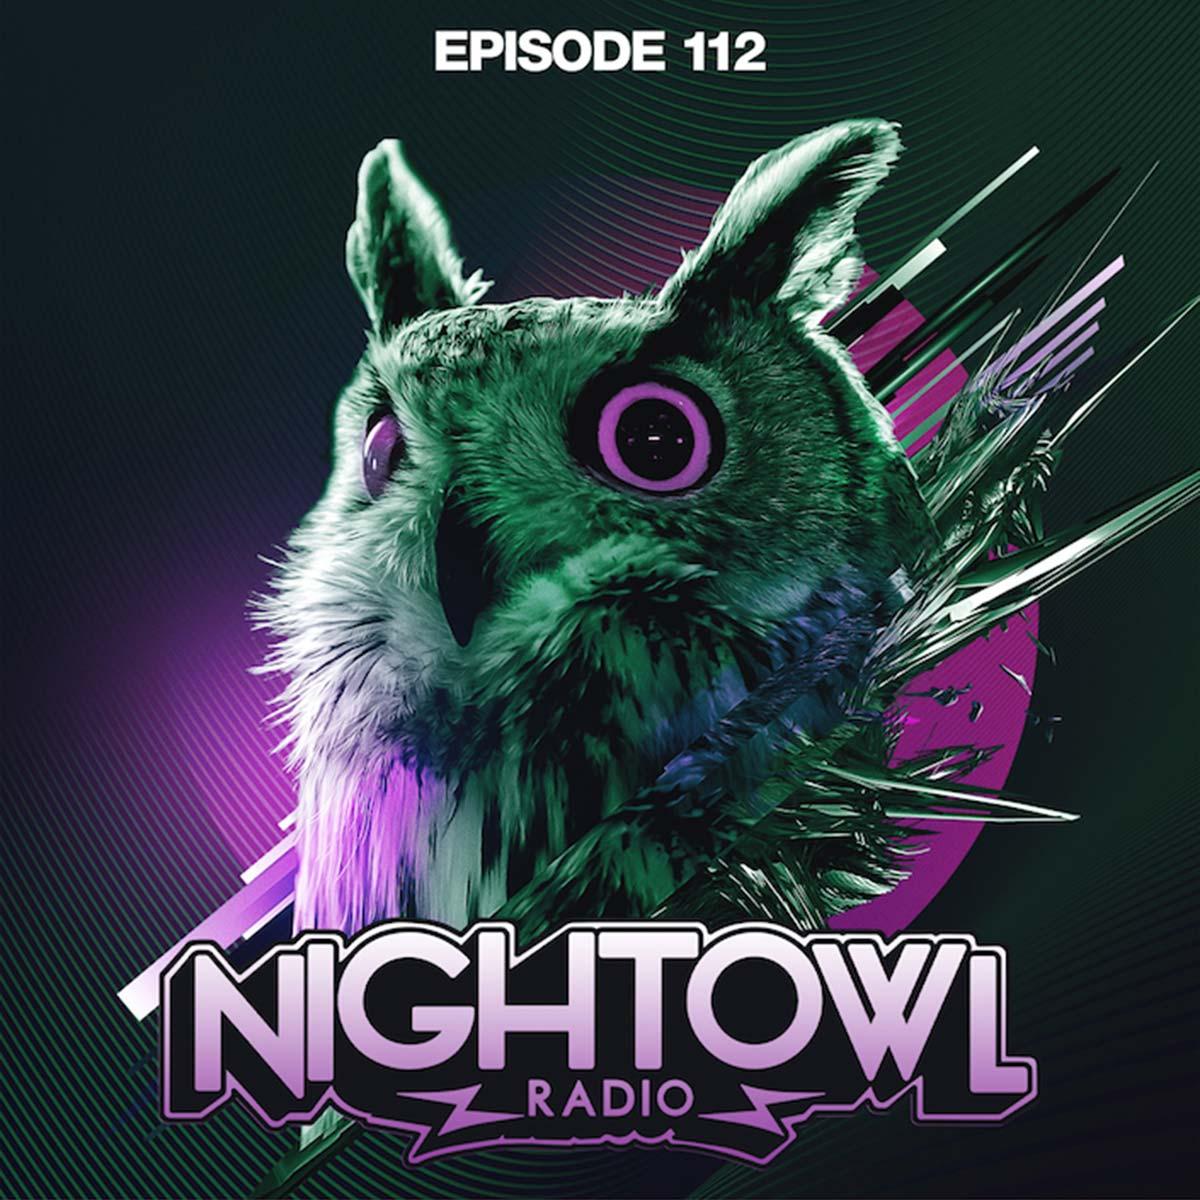 'Night Owl Radio' 112 ft  Kayzo and Jayceeoh | Insomniac